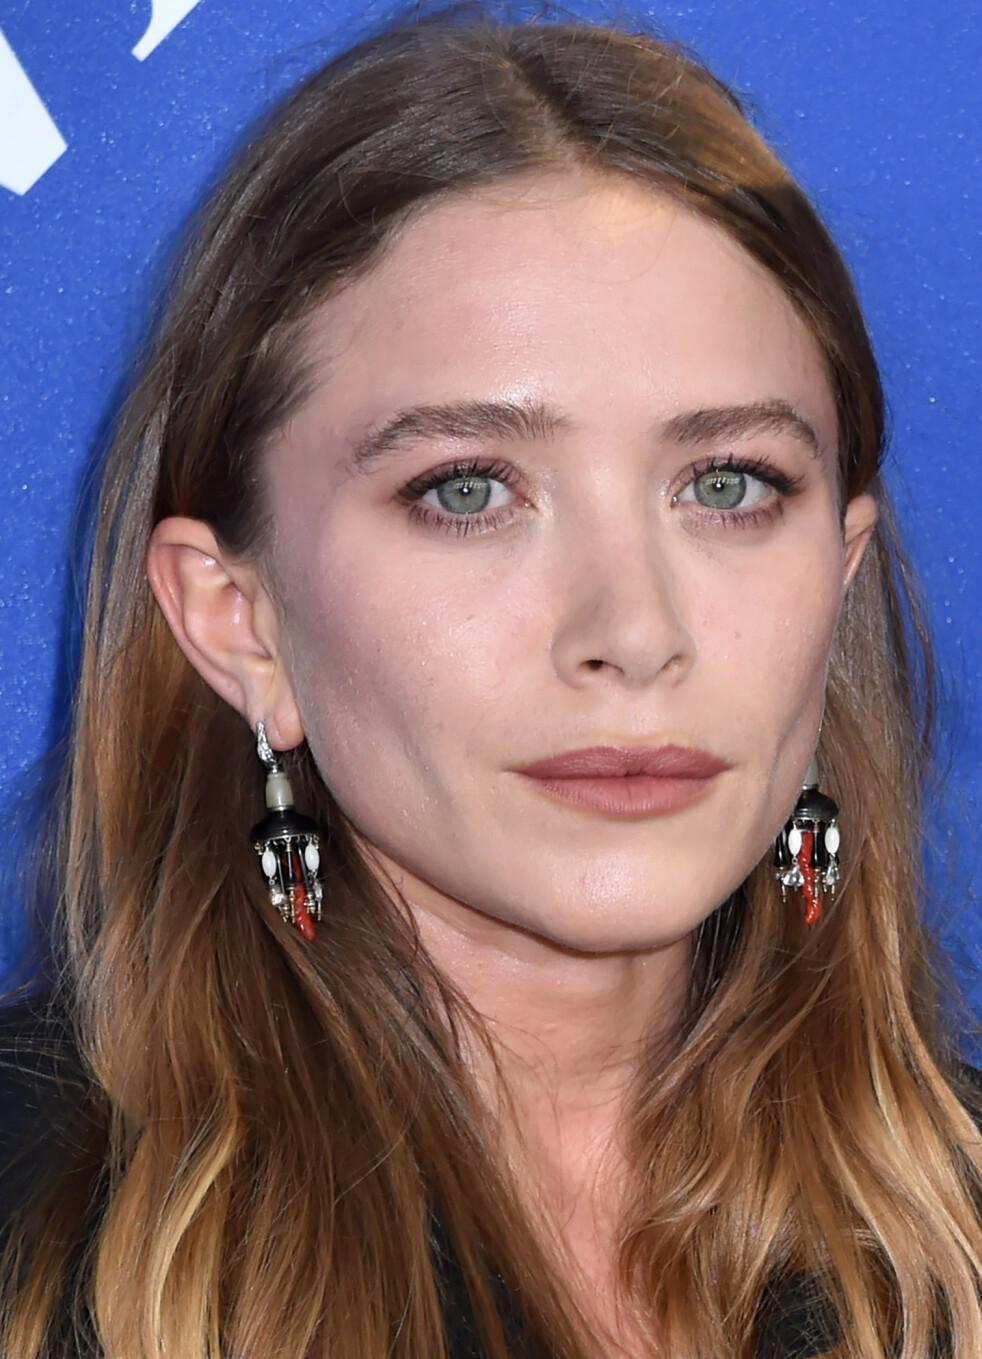 BEKYMRET: Mary-Kate Olsen har levert inn skilsmissebegjæring, men opplever humper i veien når det kommer til fordeling av eiendeler. FOTO: NTBScanpix